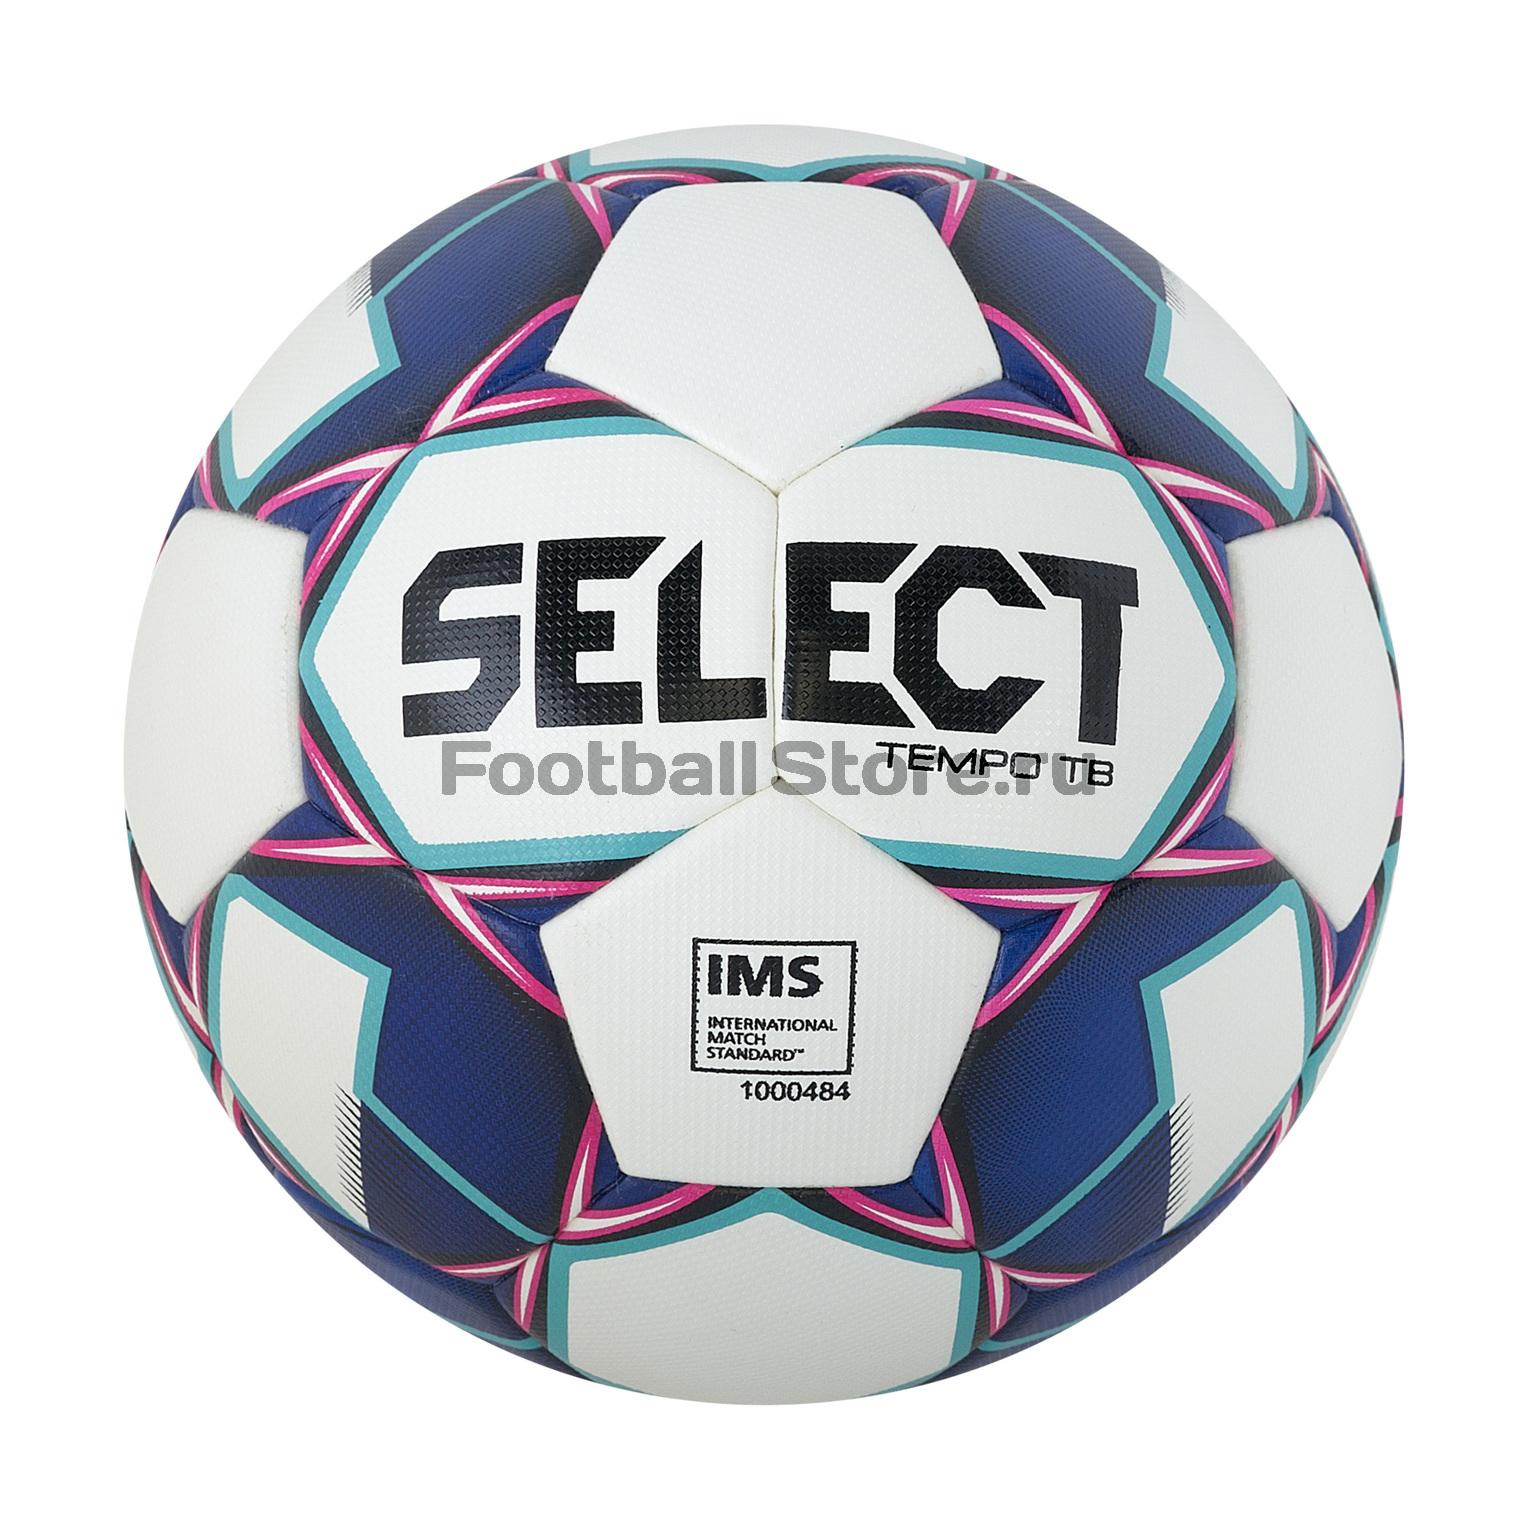 Футбольный мяч Select Tempo 810416-009 мяч футбольный select brillant replica размер 5